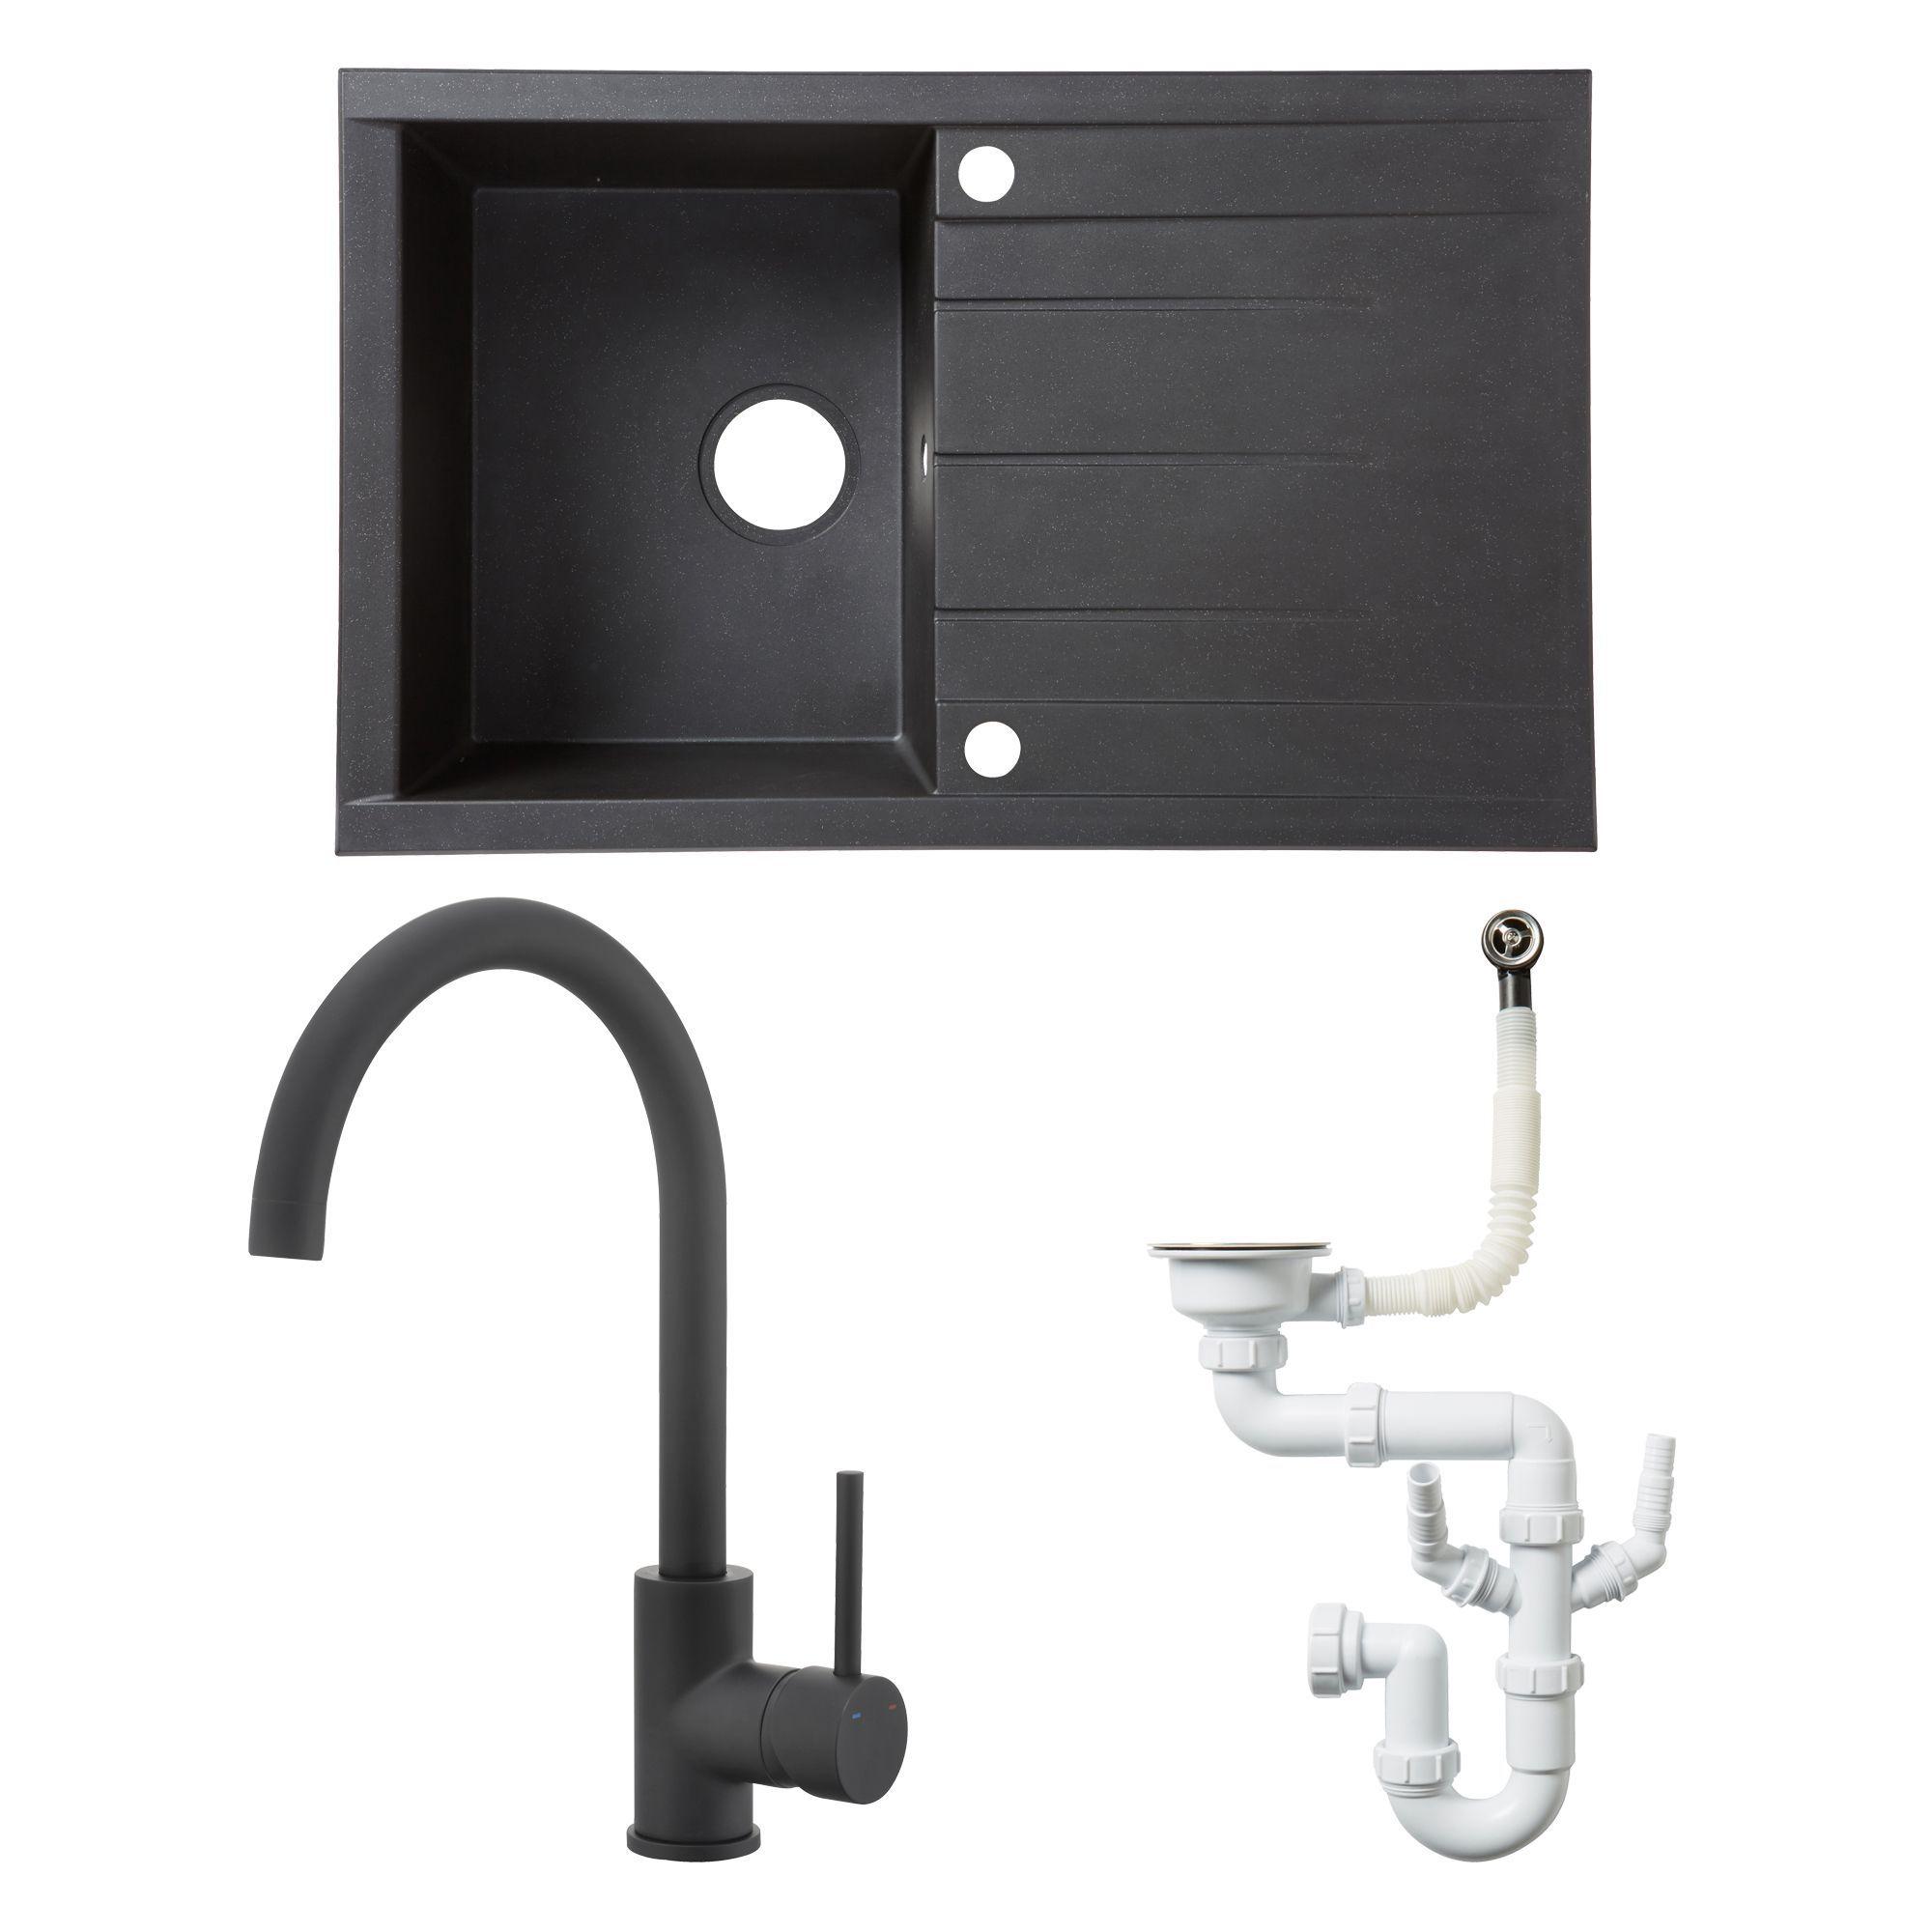 Bathroom Sinks B&Q Ireland ceramic sinks | kitchen sinks | kitchen | departments | diy at b&q